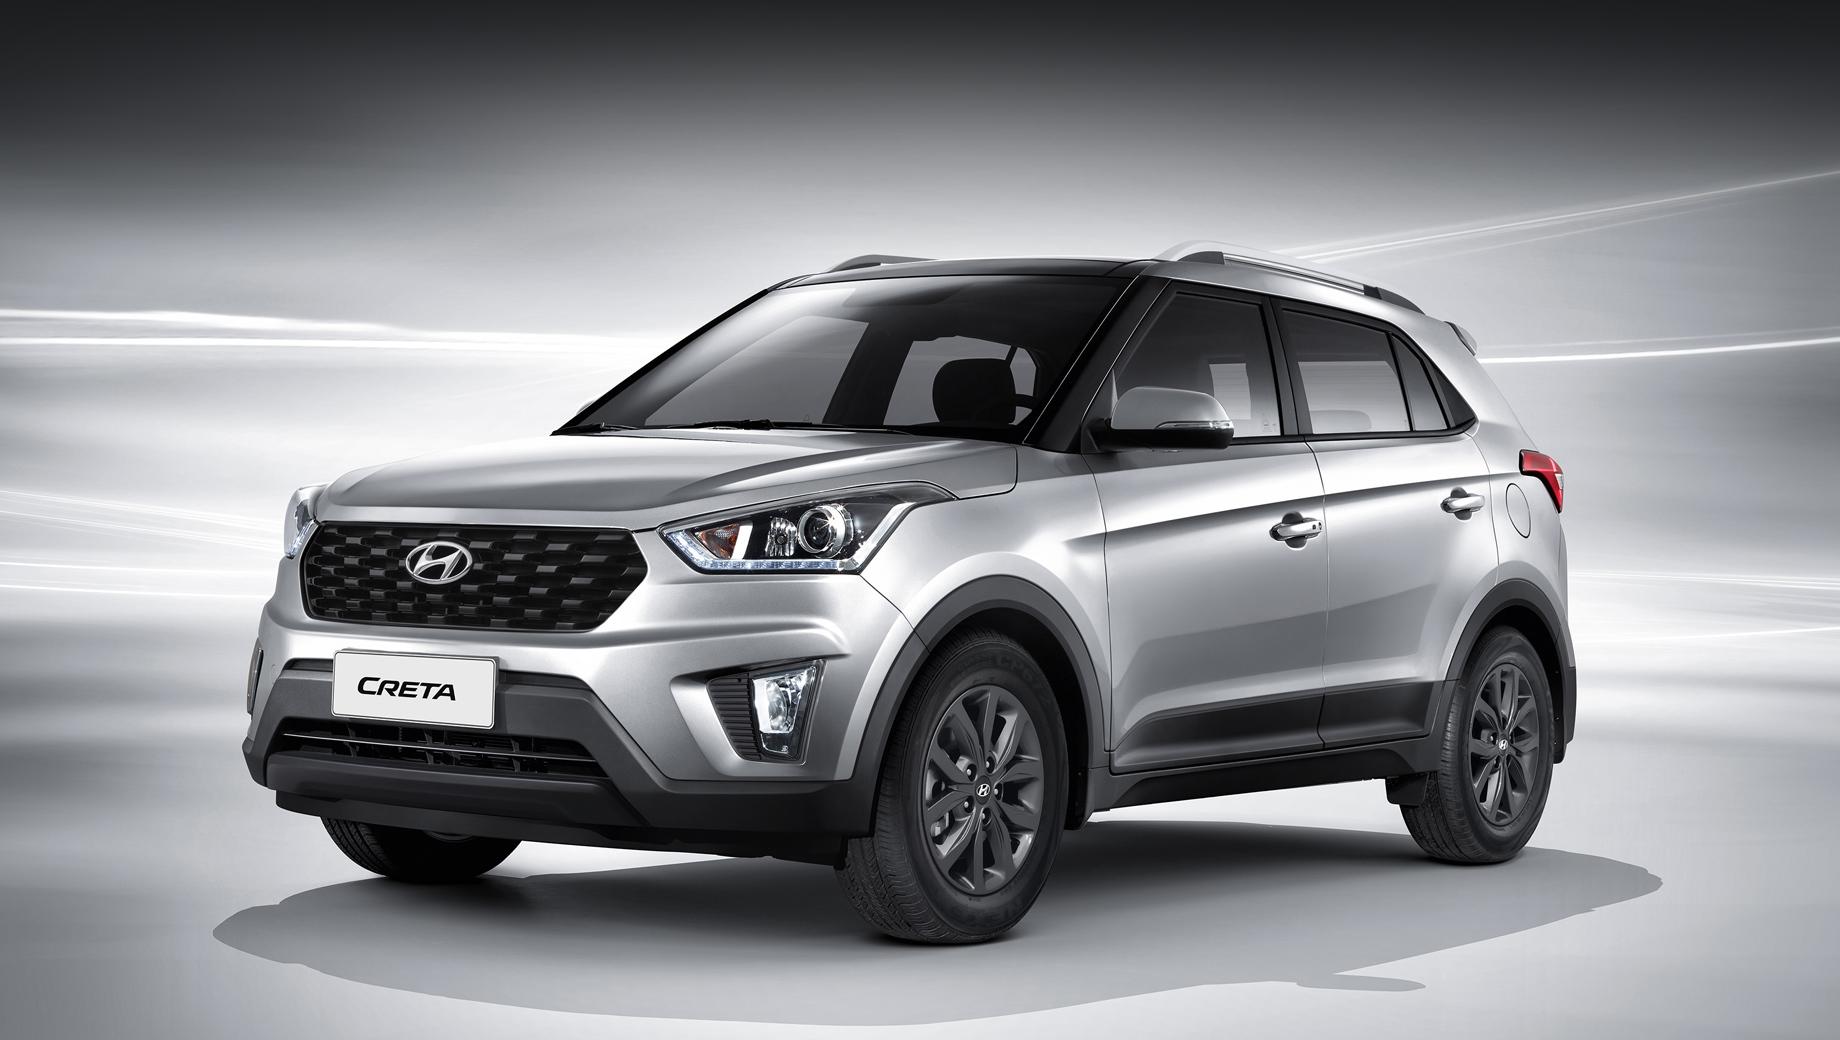 Hyundai creta. Самый популярный кроссовер в России и четвёртая по продажам модель среди всех классов, Hyundai Creta, в 2019 году нашёл на нашем рынке 71 487 покупателей (+6% к 2018-му).